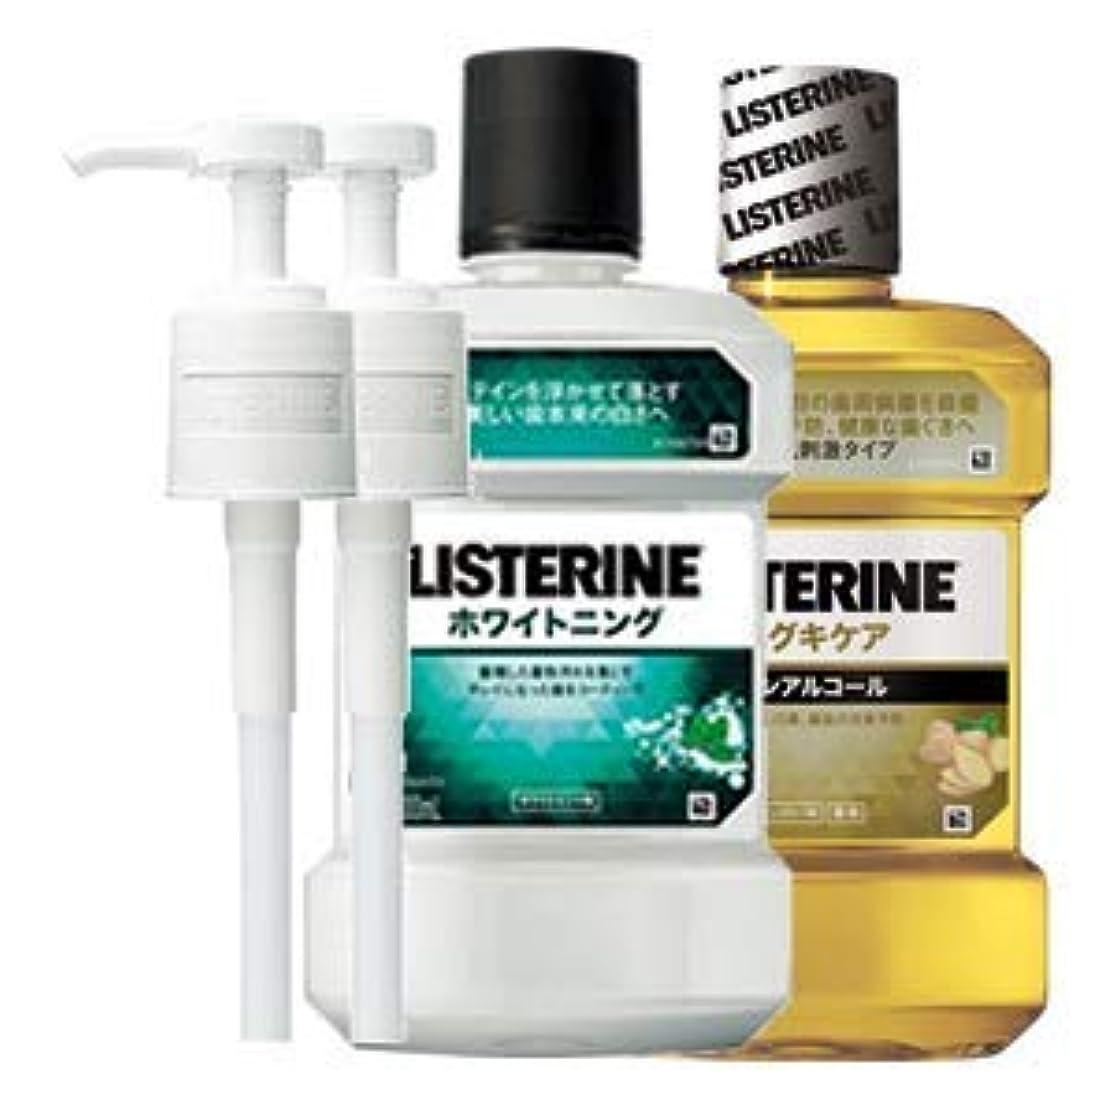 自慢ダイジェスト孤独な薬用 リステリン ホワイトニング ハグキケア 1000mL 2点セット (ポンプ付)